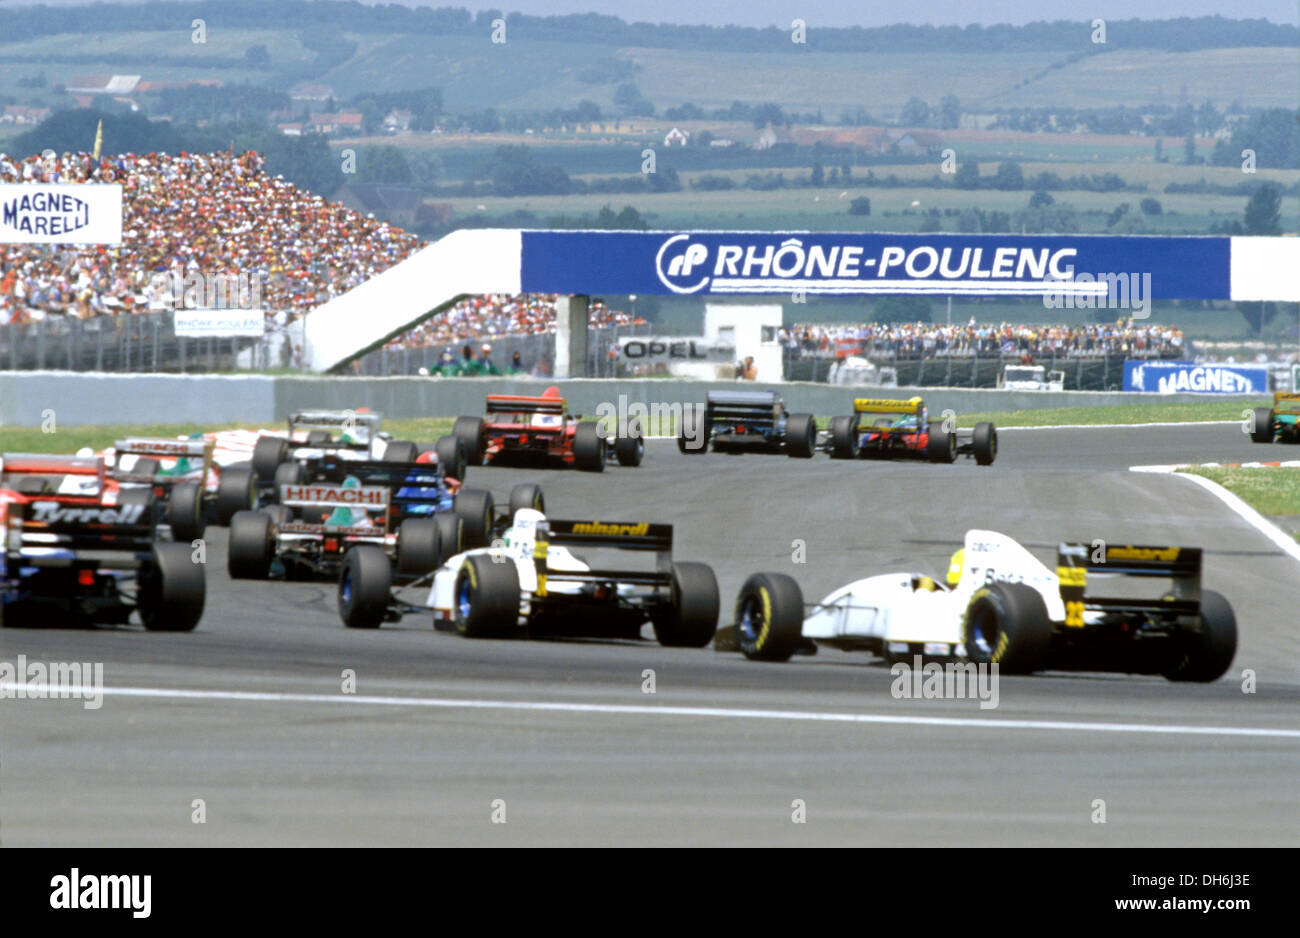 Formel 1 Großer Preis Von Frankreich In Magny Cours Frankreich 1992